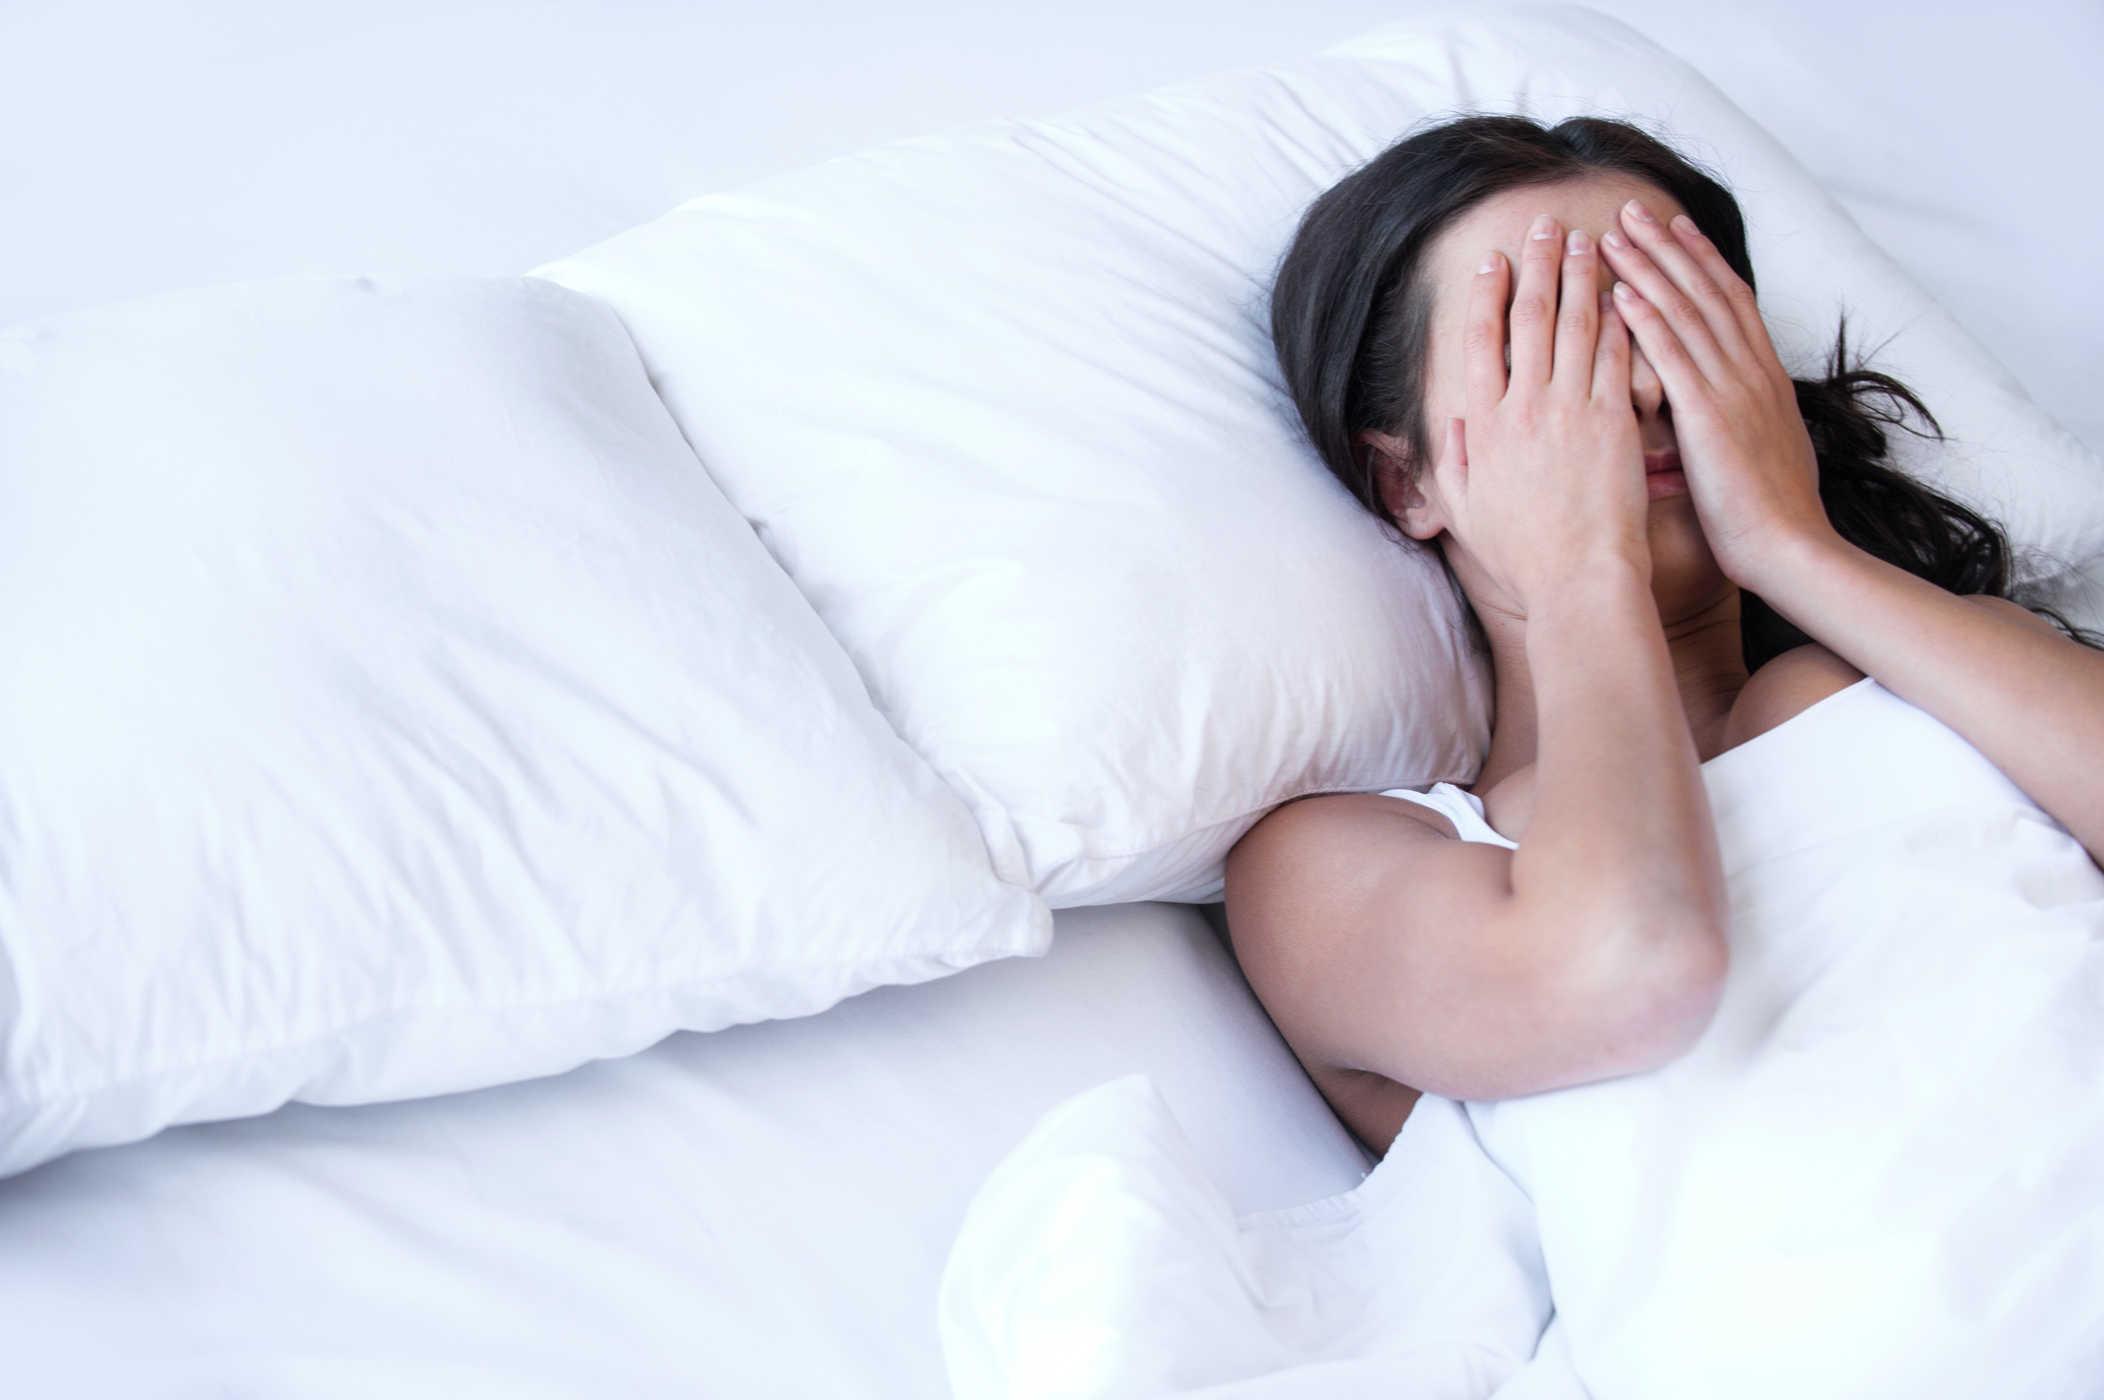 Hình ảnh người phụ nữ mất ngủ che mắt